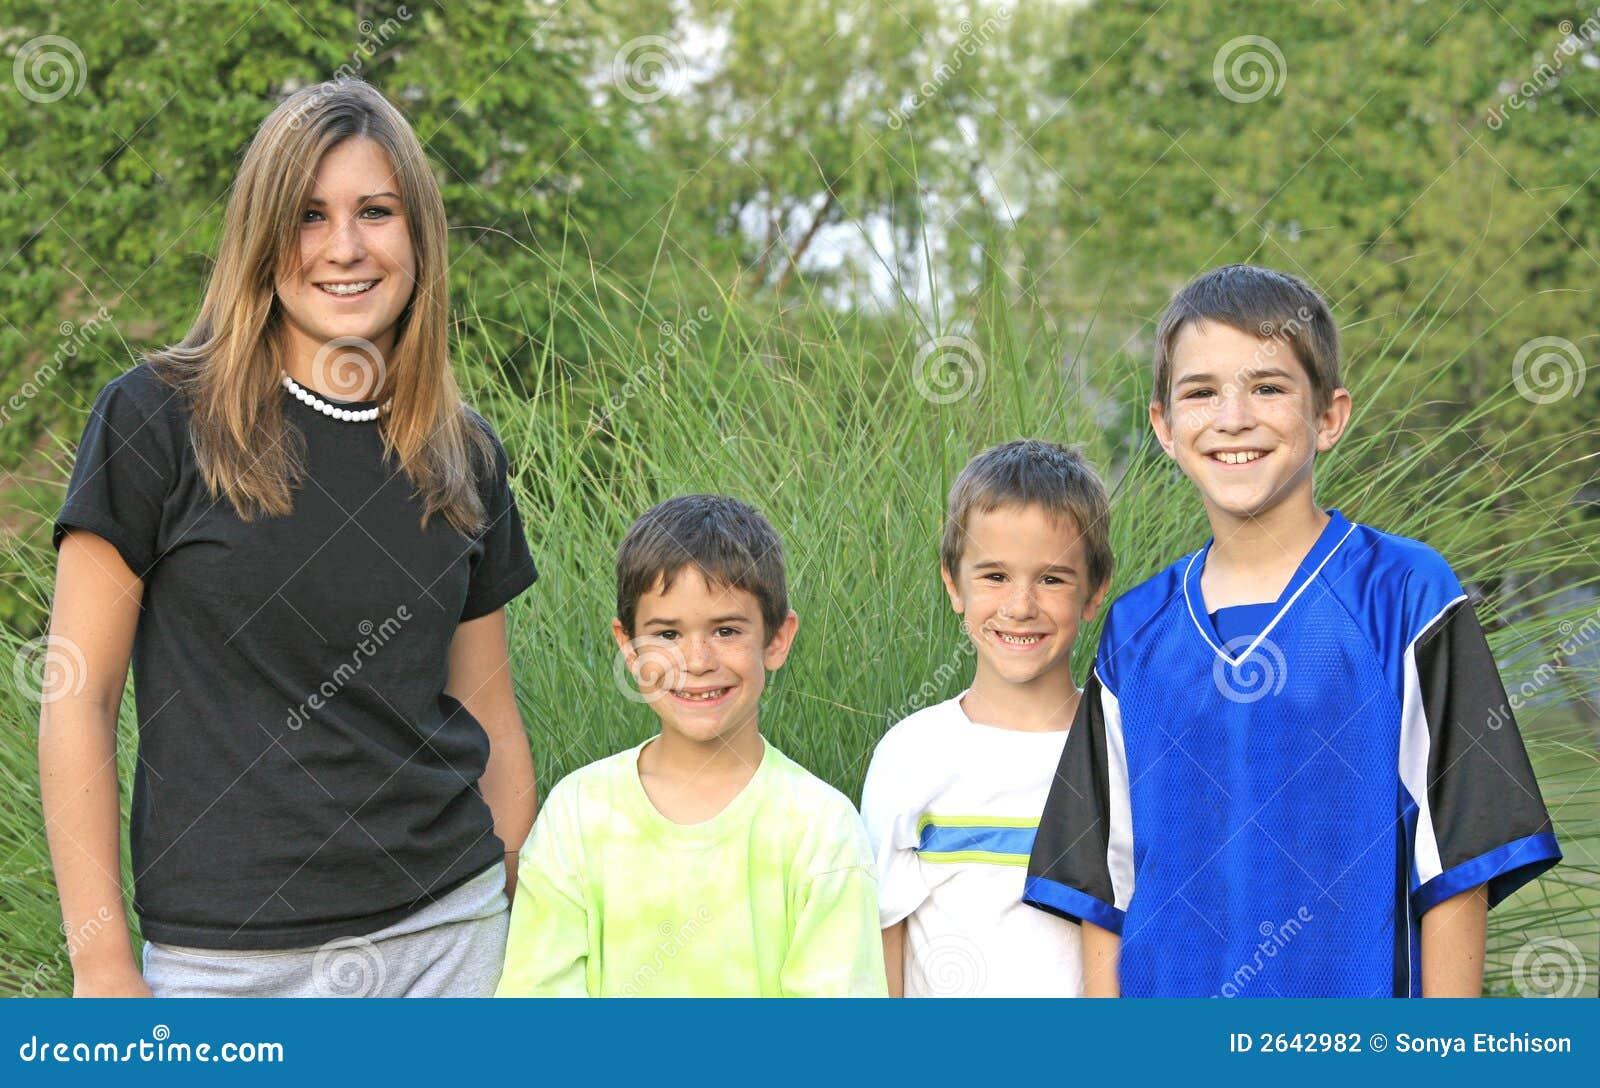 Русский инцест родного брата с сестрой, Инцест брата с сестрой 20 фотография